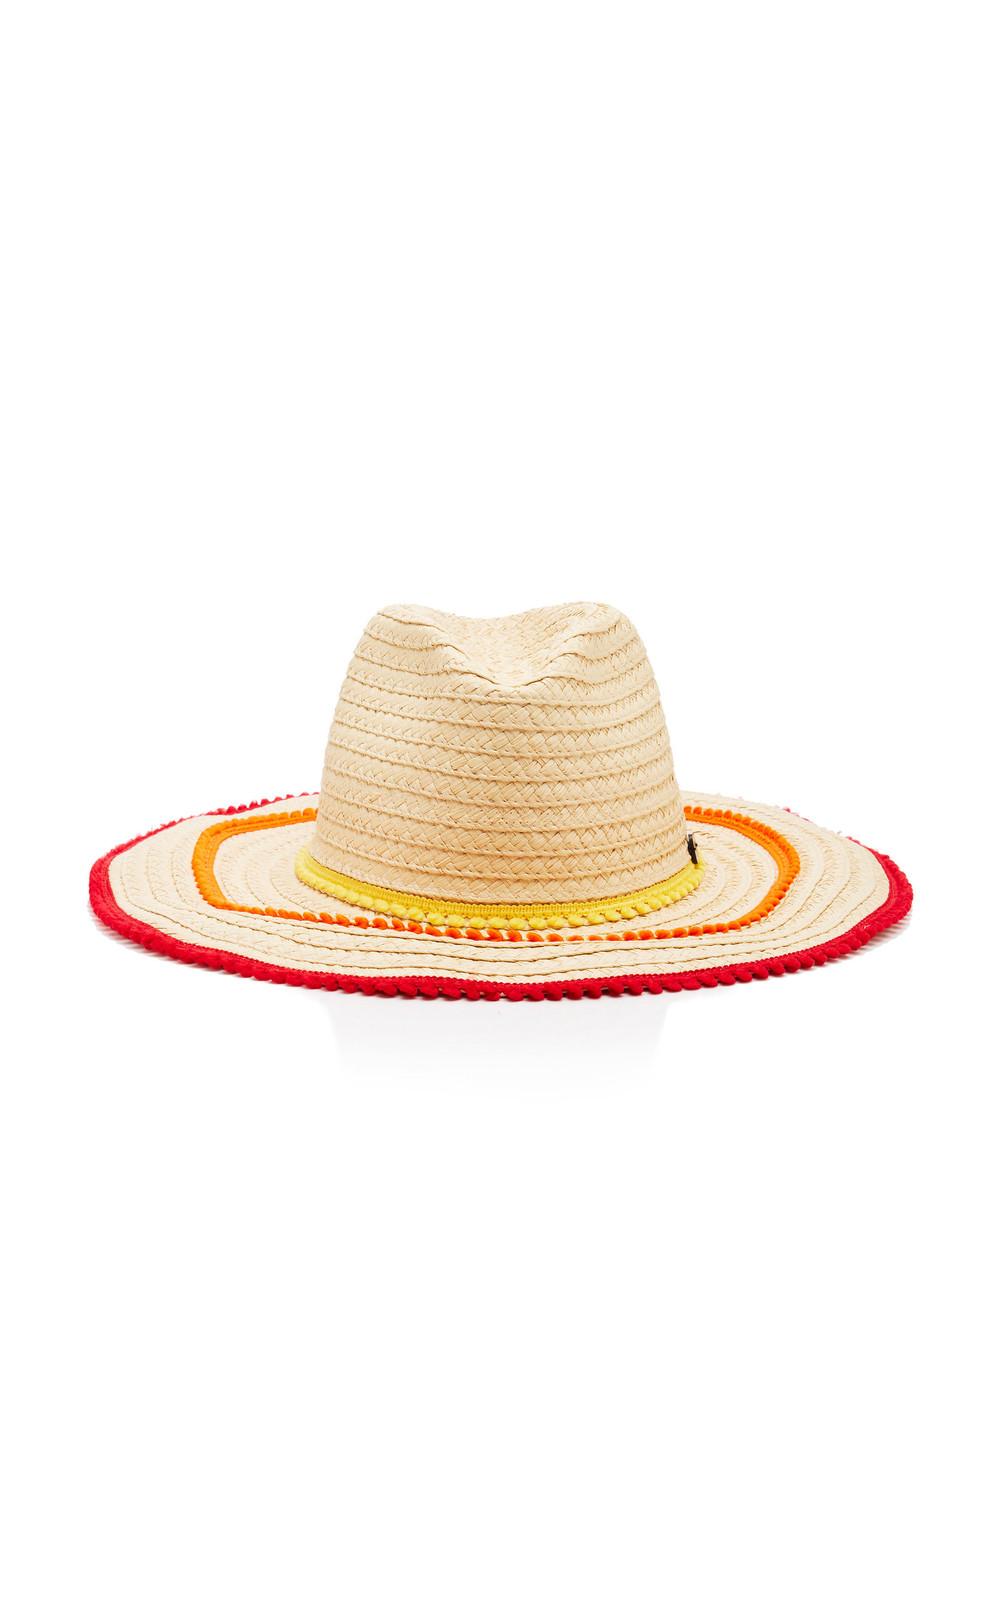 Filu Hats Batu Tara Picot-Trimmed Straw Hat in multi